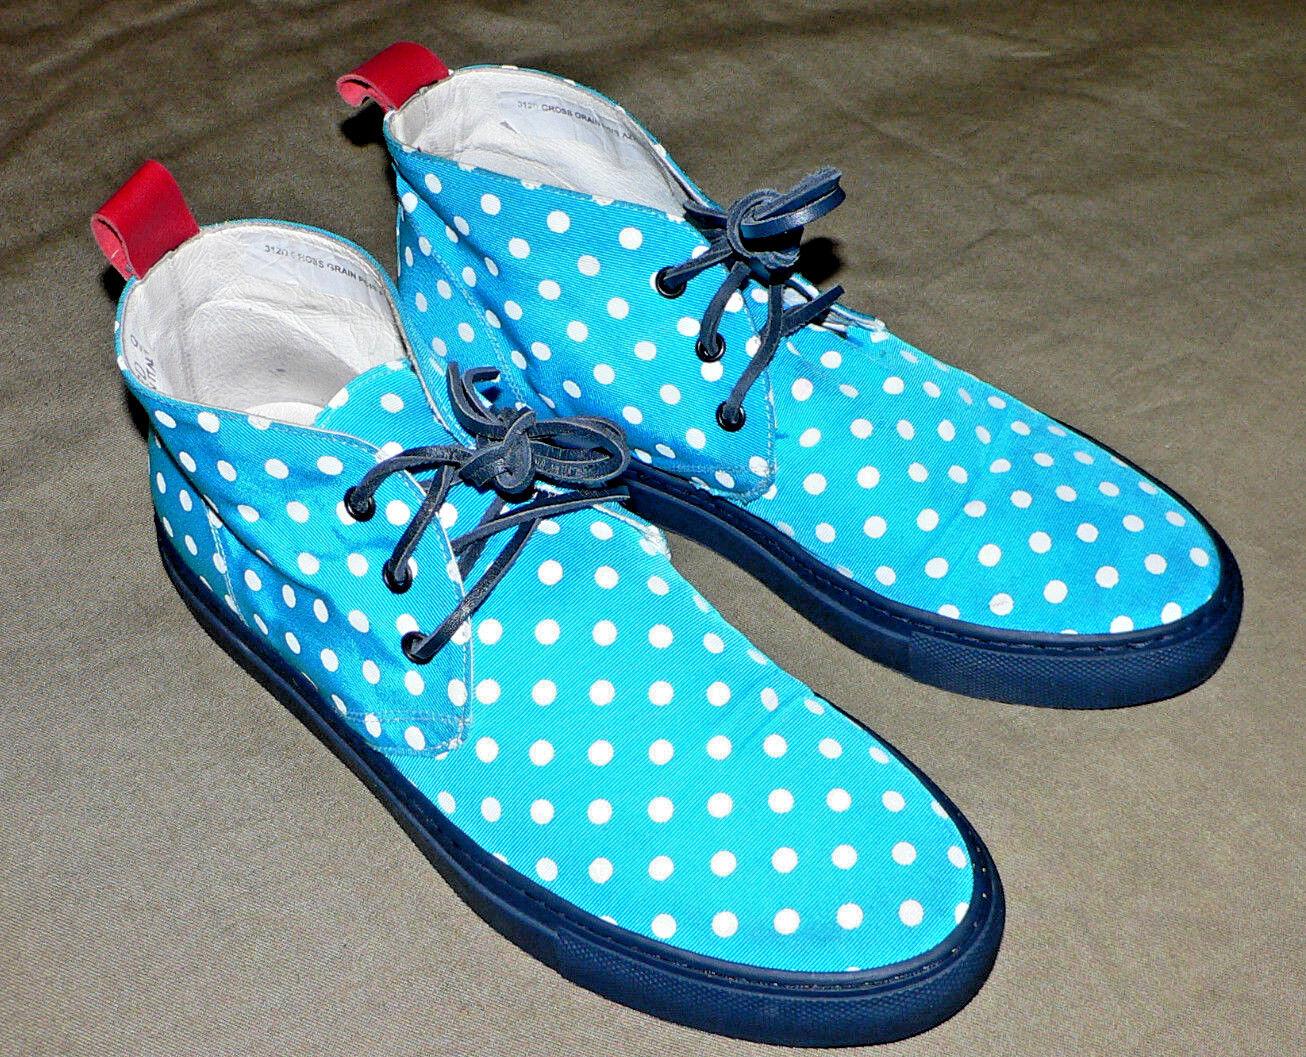 Del Tgold 312 Alto Polka White Dots Chukka Sneaker Aqua color US SIZE 9